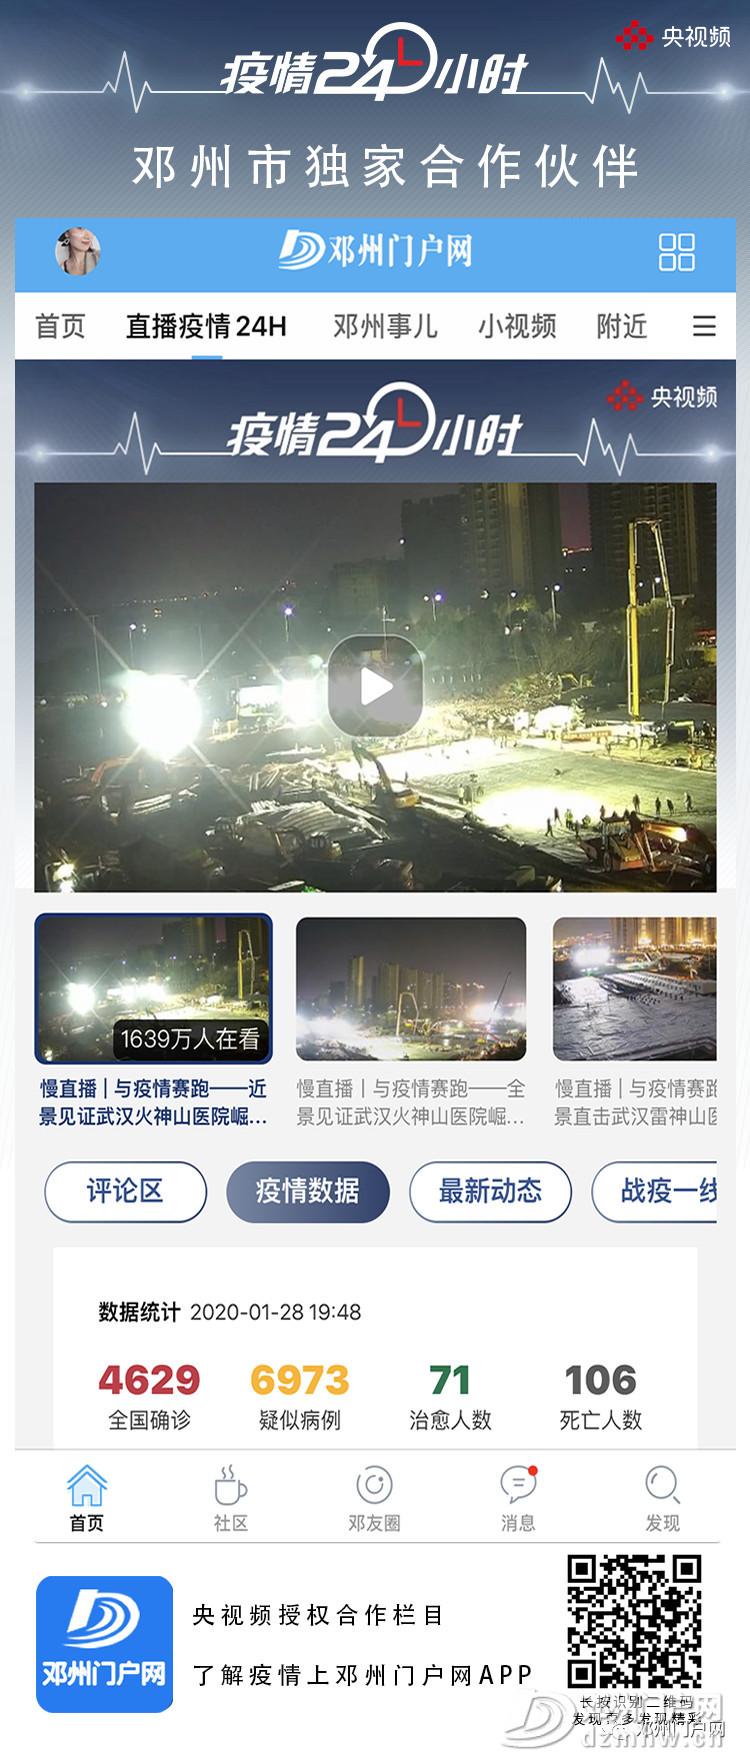 安卓用户邓州门户网APP打开闪退,解决办法来了!(2020.1.28) - 邓州门户网|邓州网 - 0.jpg